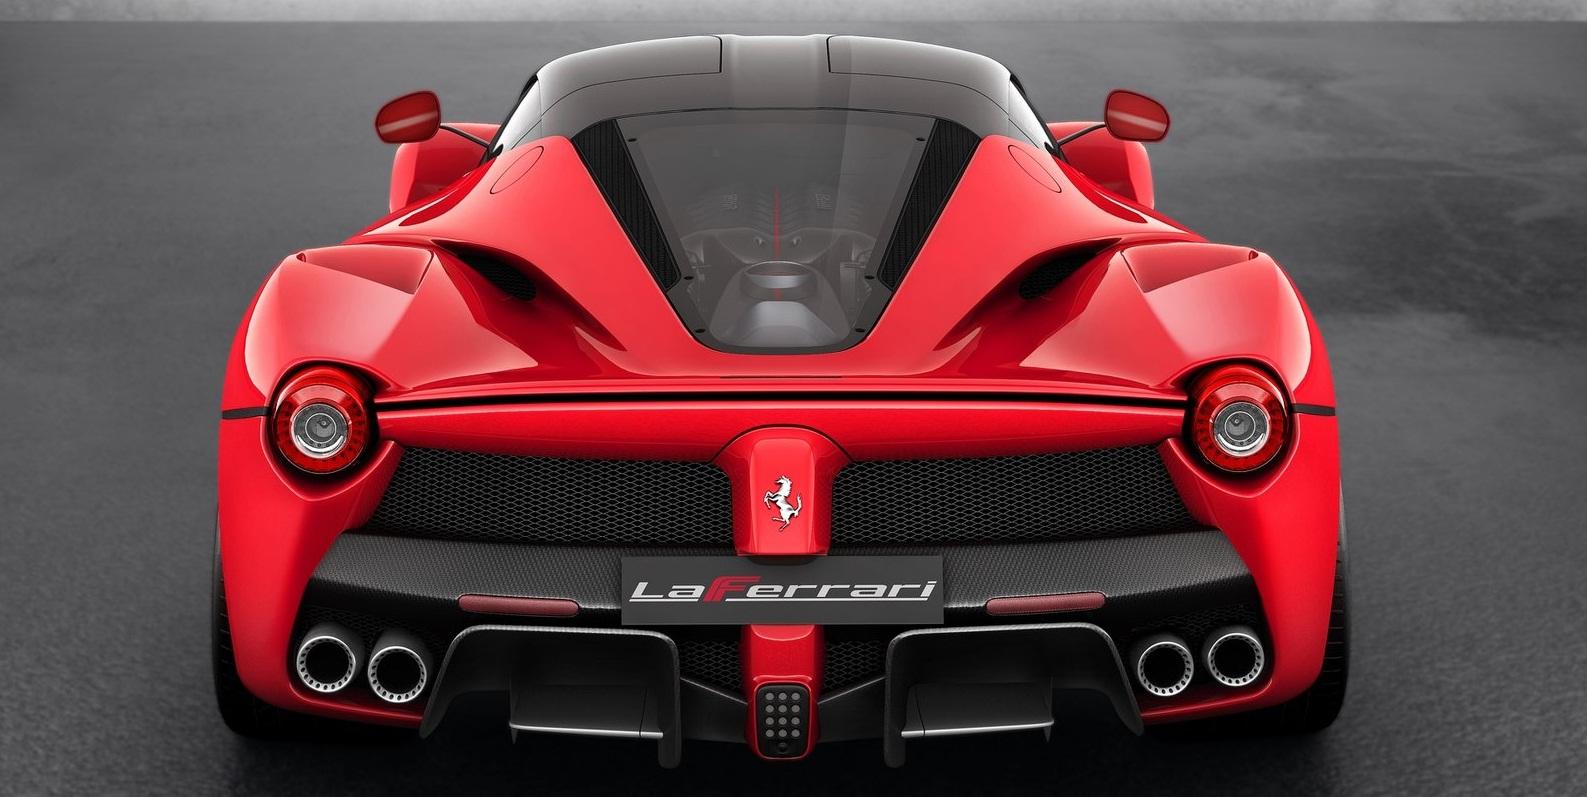 ferrari laferrari_2014_back - Ferrari 2014 Enzo